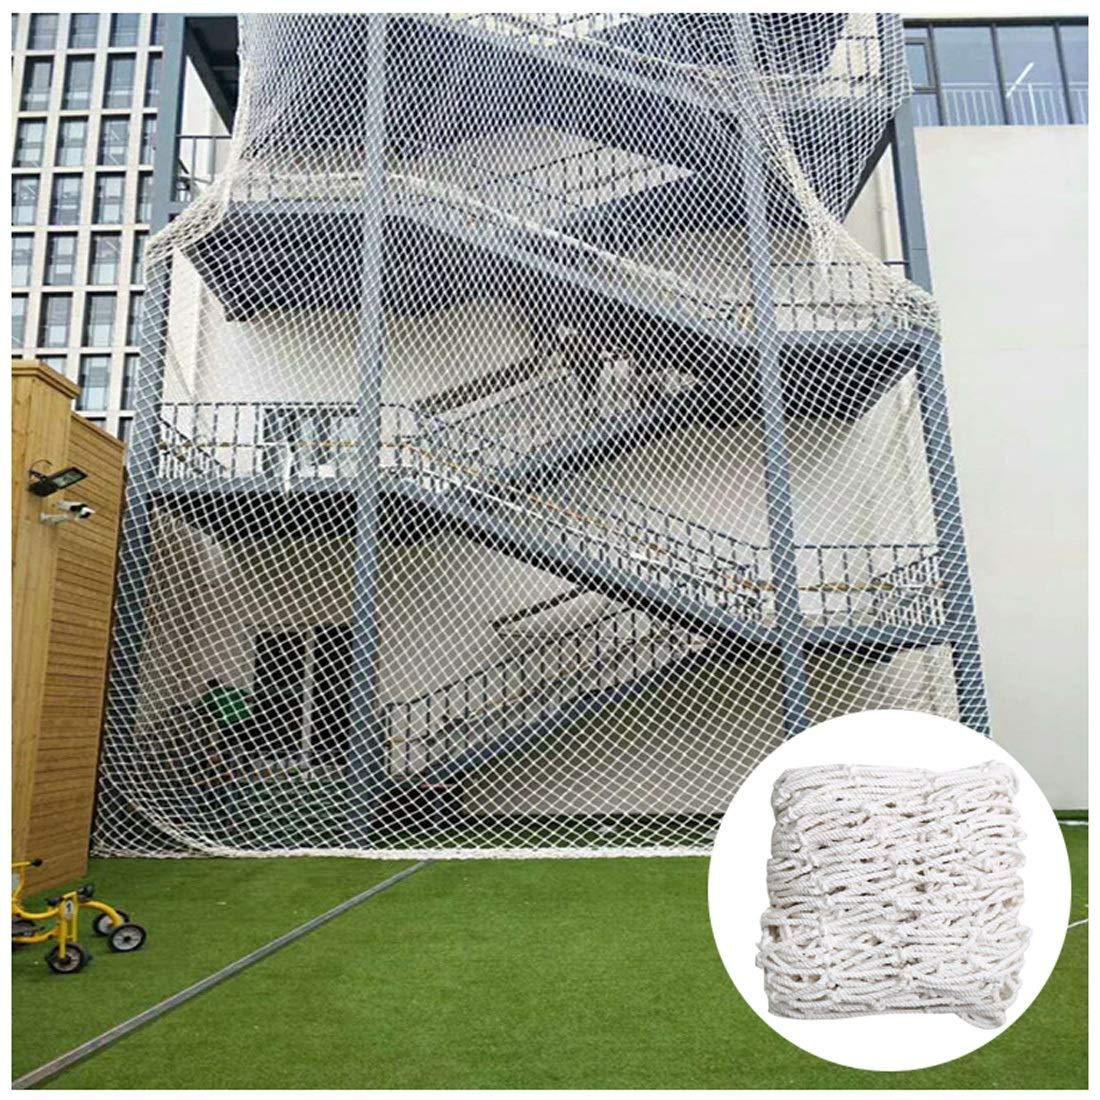 Red De Seguridad para Barandilla De Escalera Ingeniería De Protección contra Caídas Enrejado para Plantas Trepadoras Malla De Nylon Tarea Pesada 6mm/5cm Blanco Multi-tamaño (Size : 2x4m): Amazon.es: Jardín